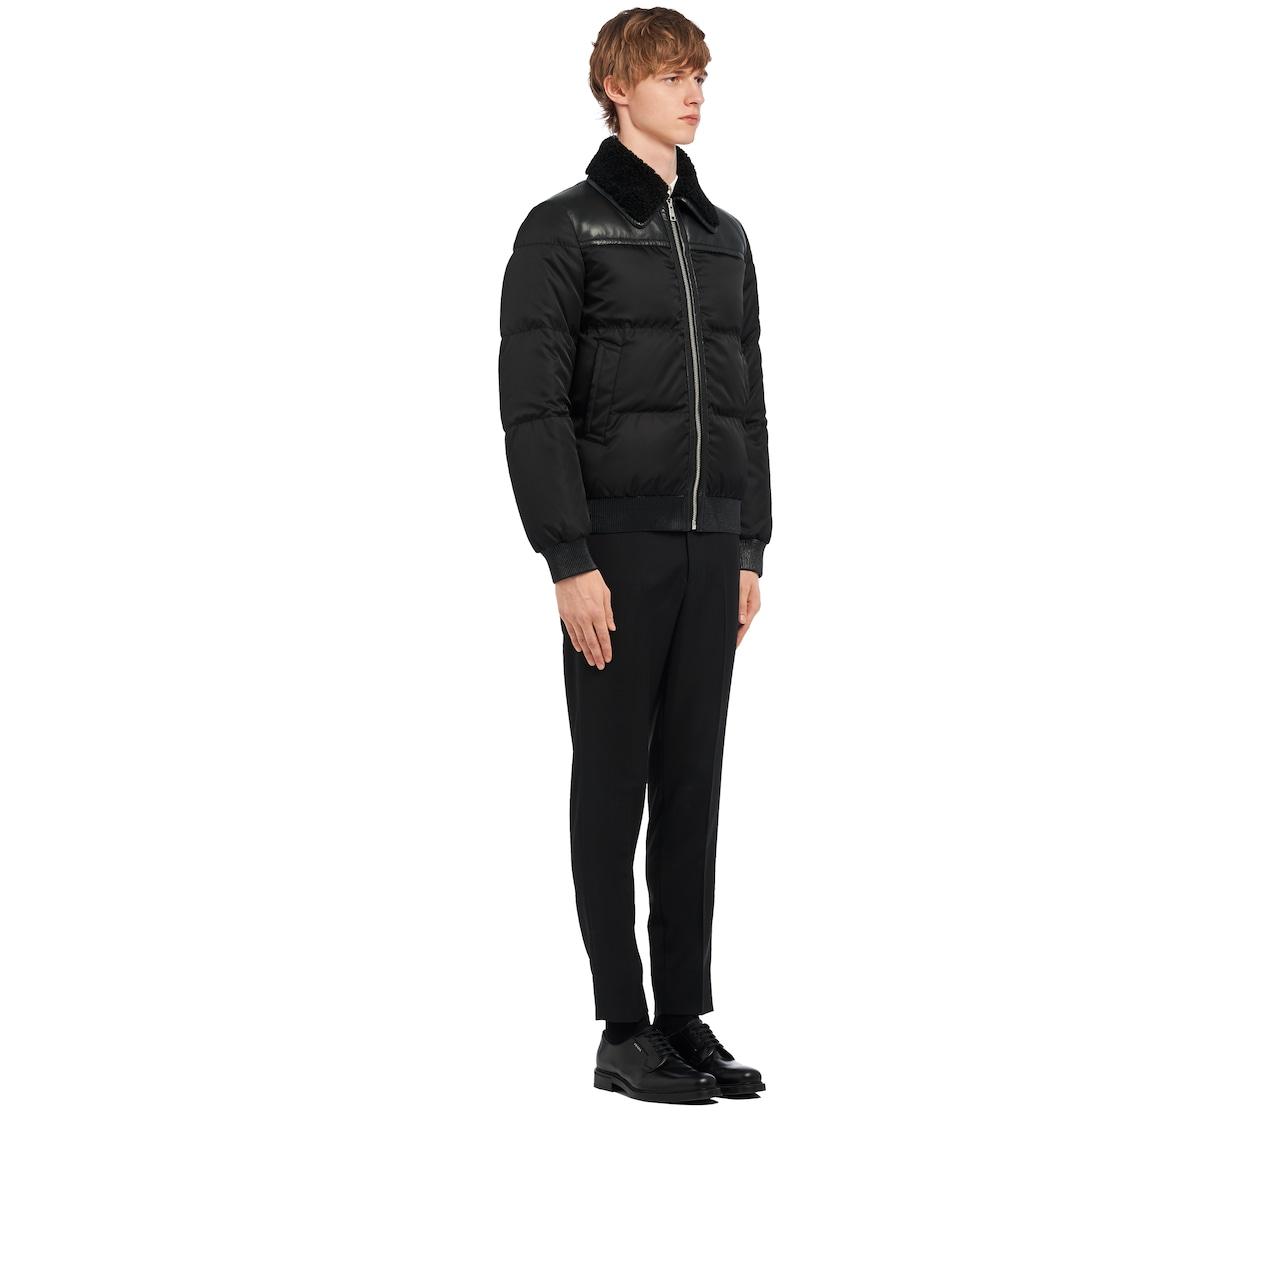 Nylon gabardine and leather puffer jacket